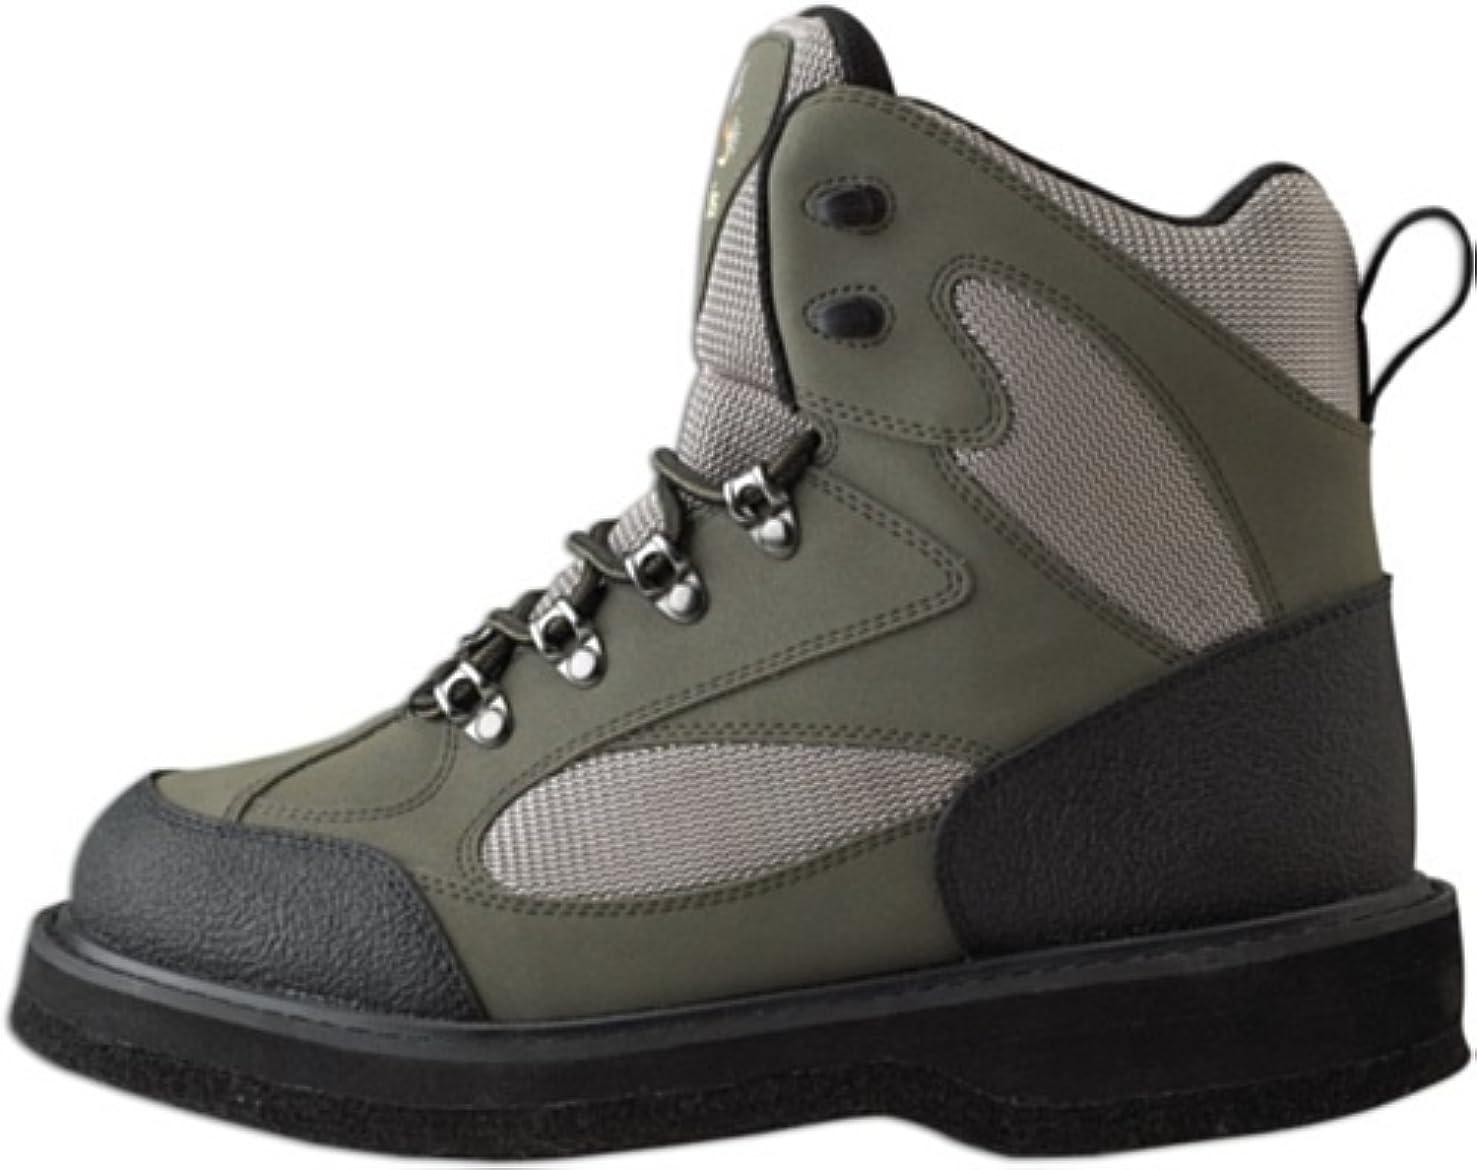 トランスミッション嘆くより良いCaddisメンズNorthern Guide軽量トープと緑フェルトソールWading Shoe